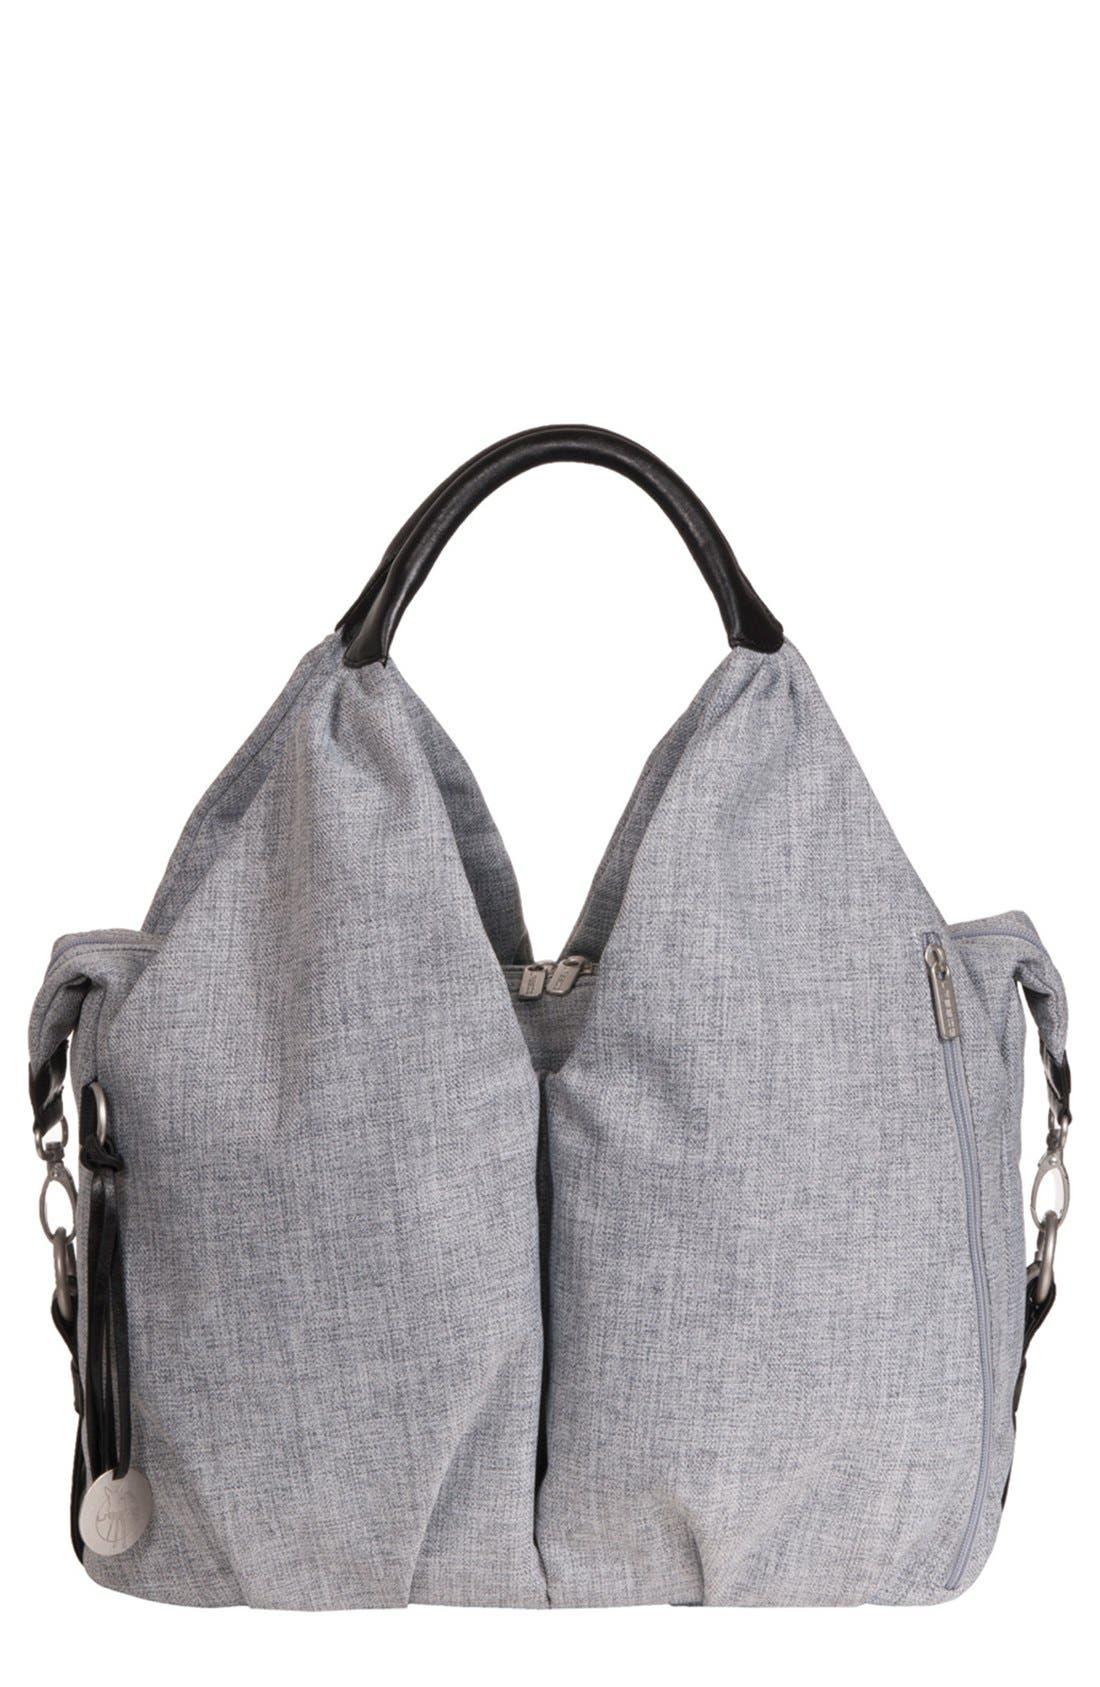 Lässig 'Green Label - Neckline' Diaper Bag